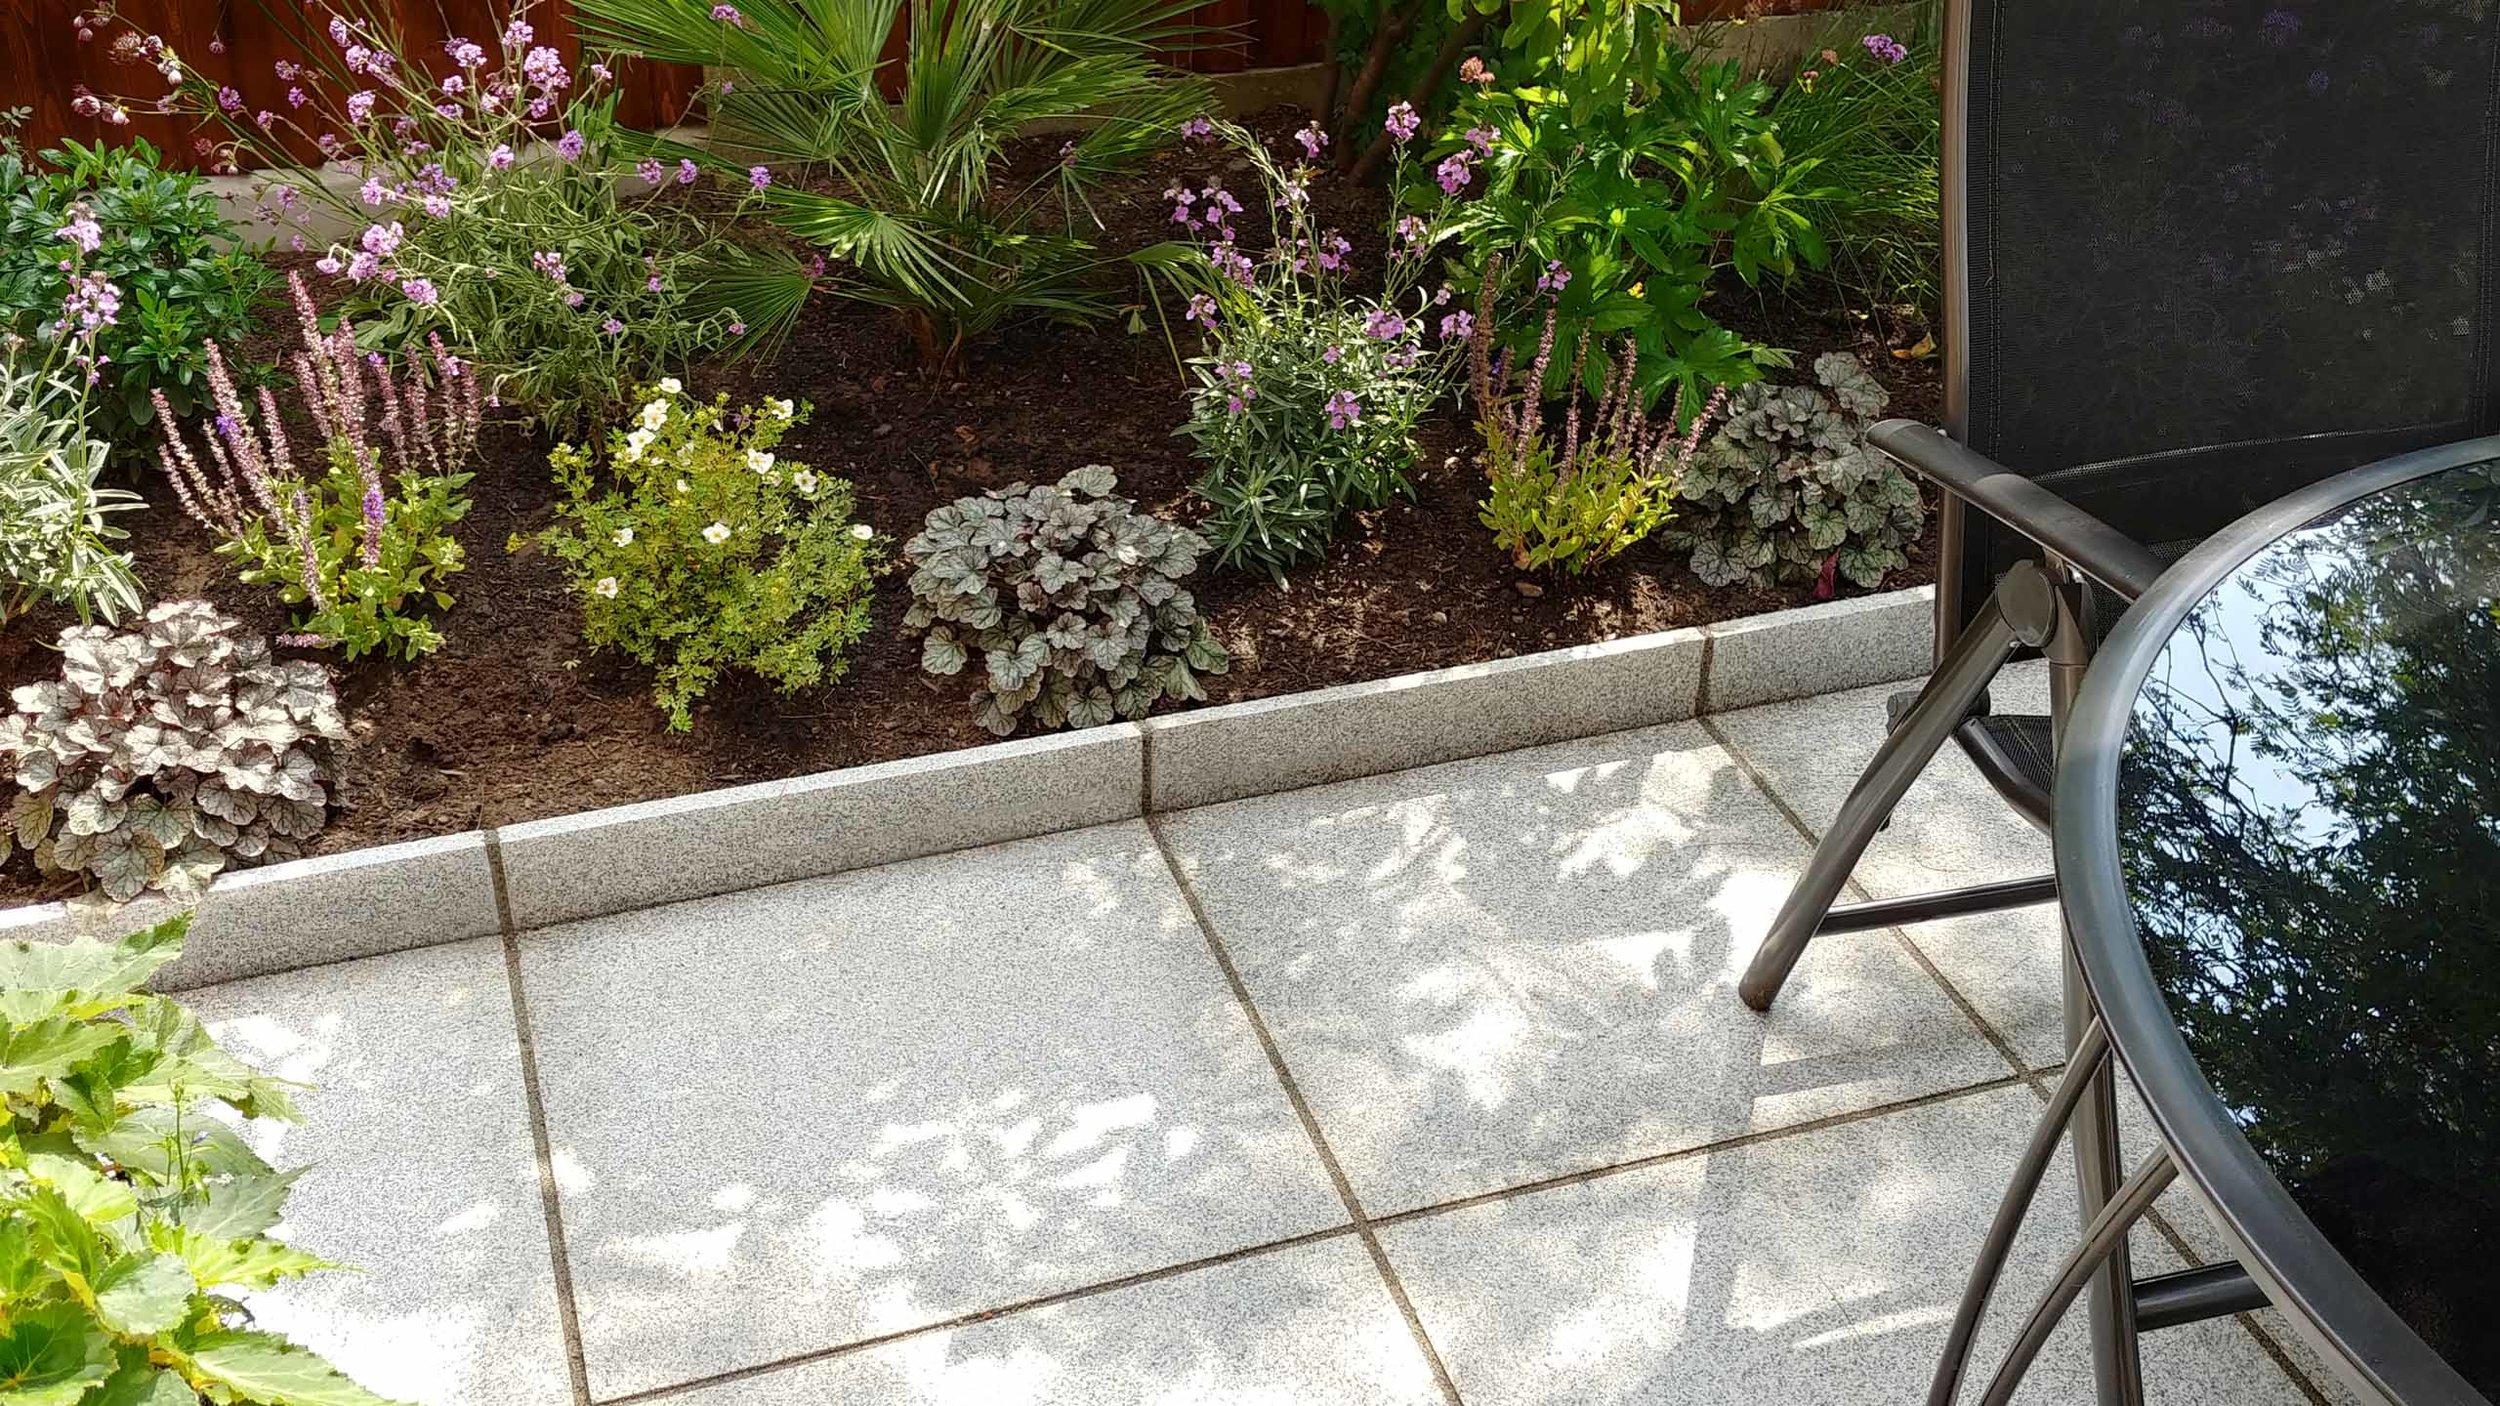 Cheshire Garden Design: Japanese Garden: Perennial Border